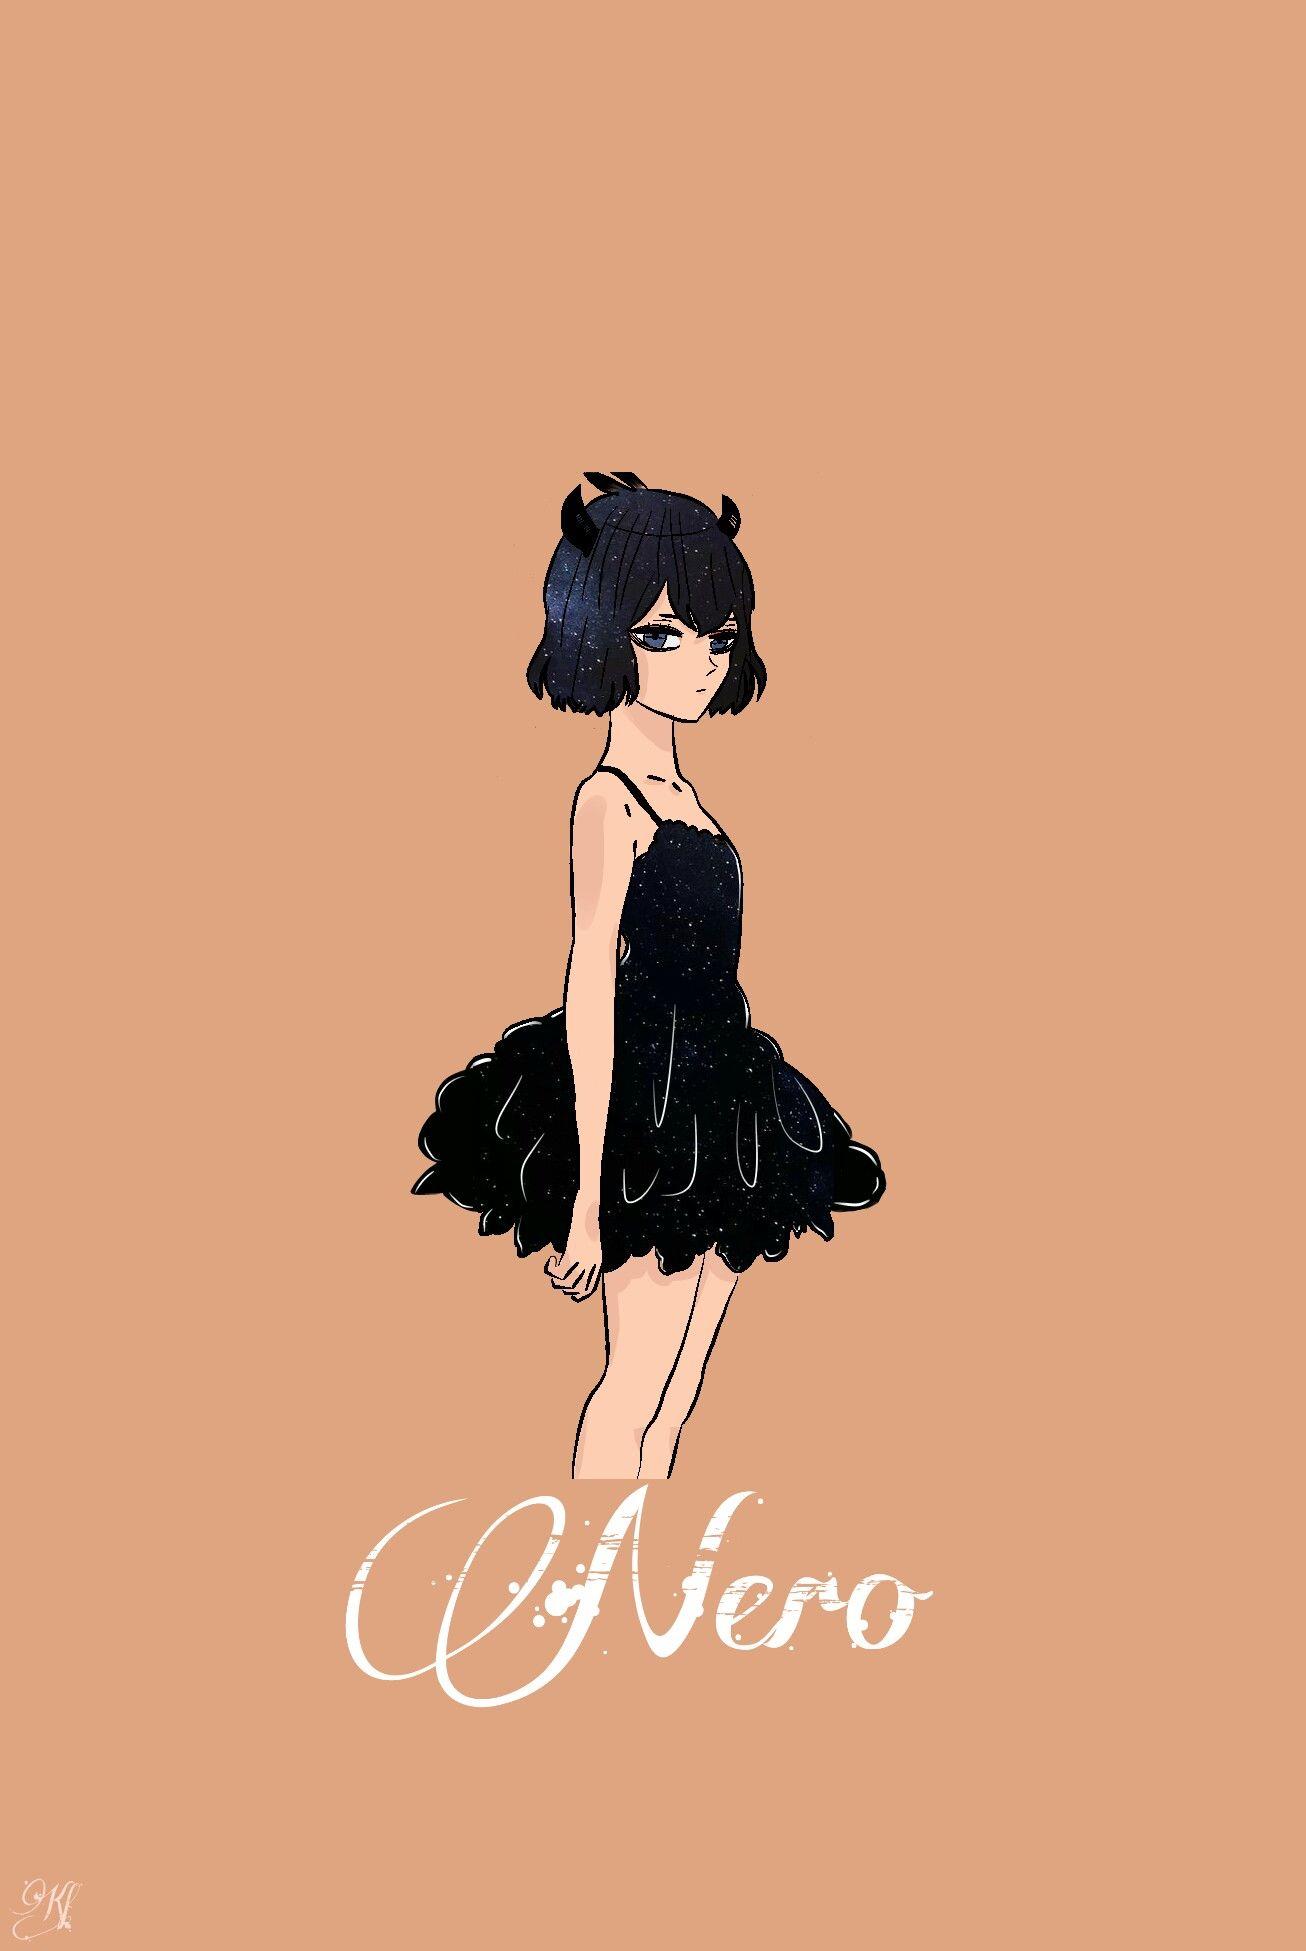 Nero Black Clover Black Clover Anime Anime Wallpaper Phone Anime Wallpaper